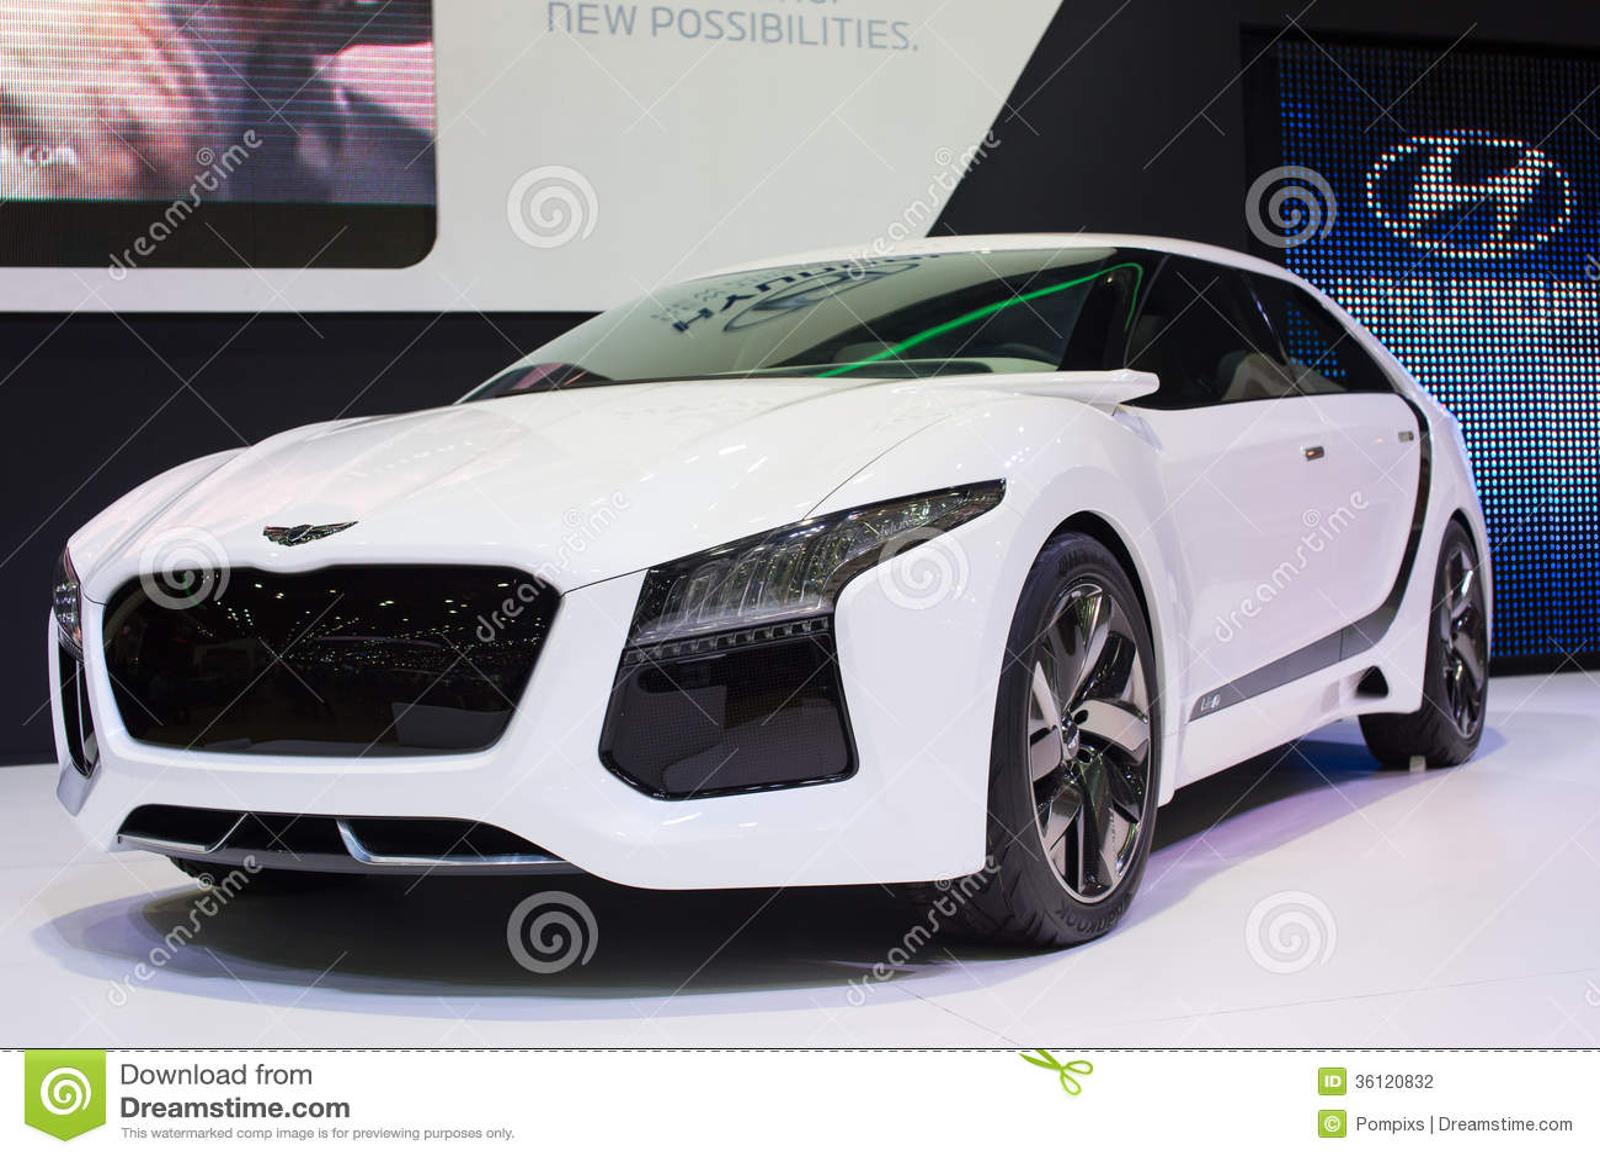 Hyundai-concept nieuwe het denken nieuwe mogelijkheden bij de Internationale Motor Expo van 30ste Thailand op 3 December, 2013 in